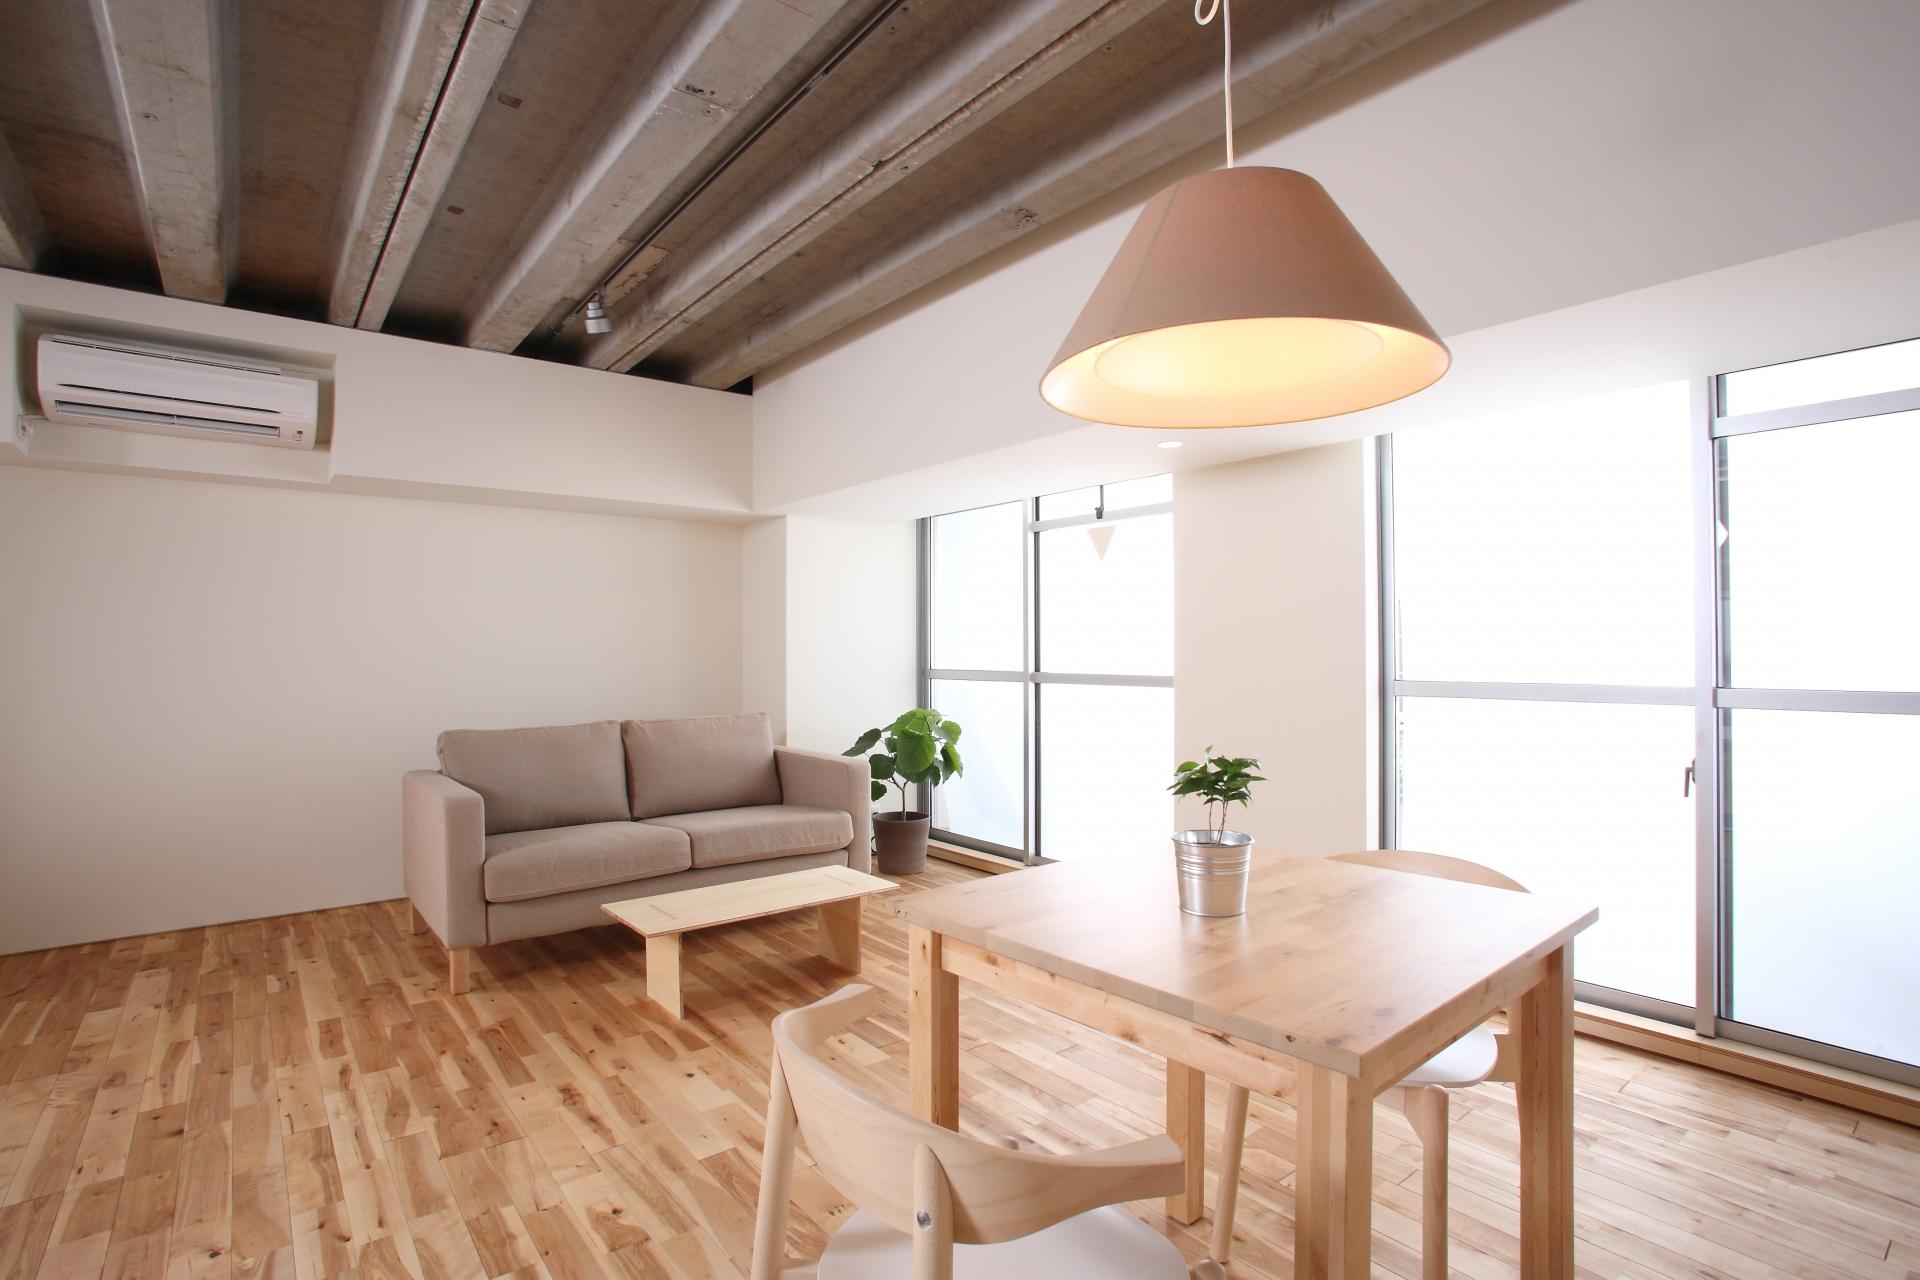 杉並区に家具や家電をまとめて出張買取するリサイクルショップは?